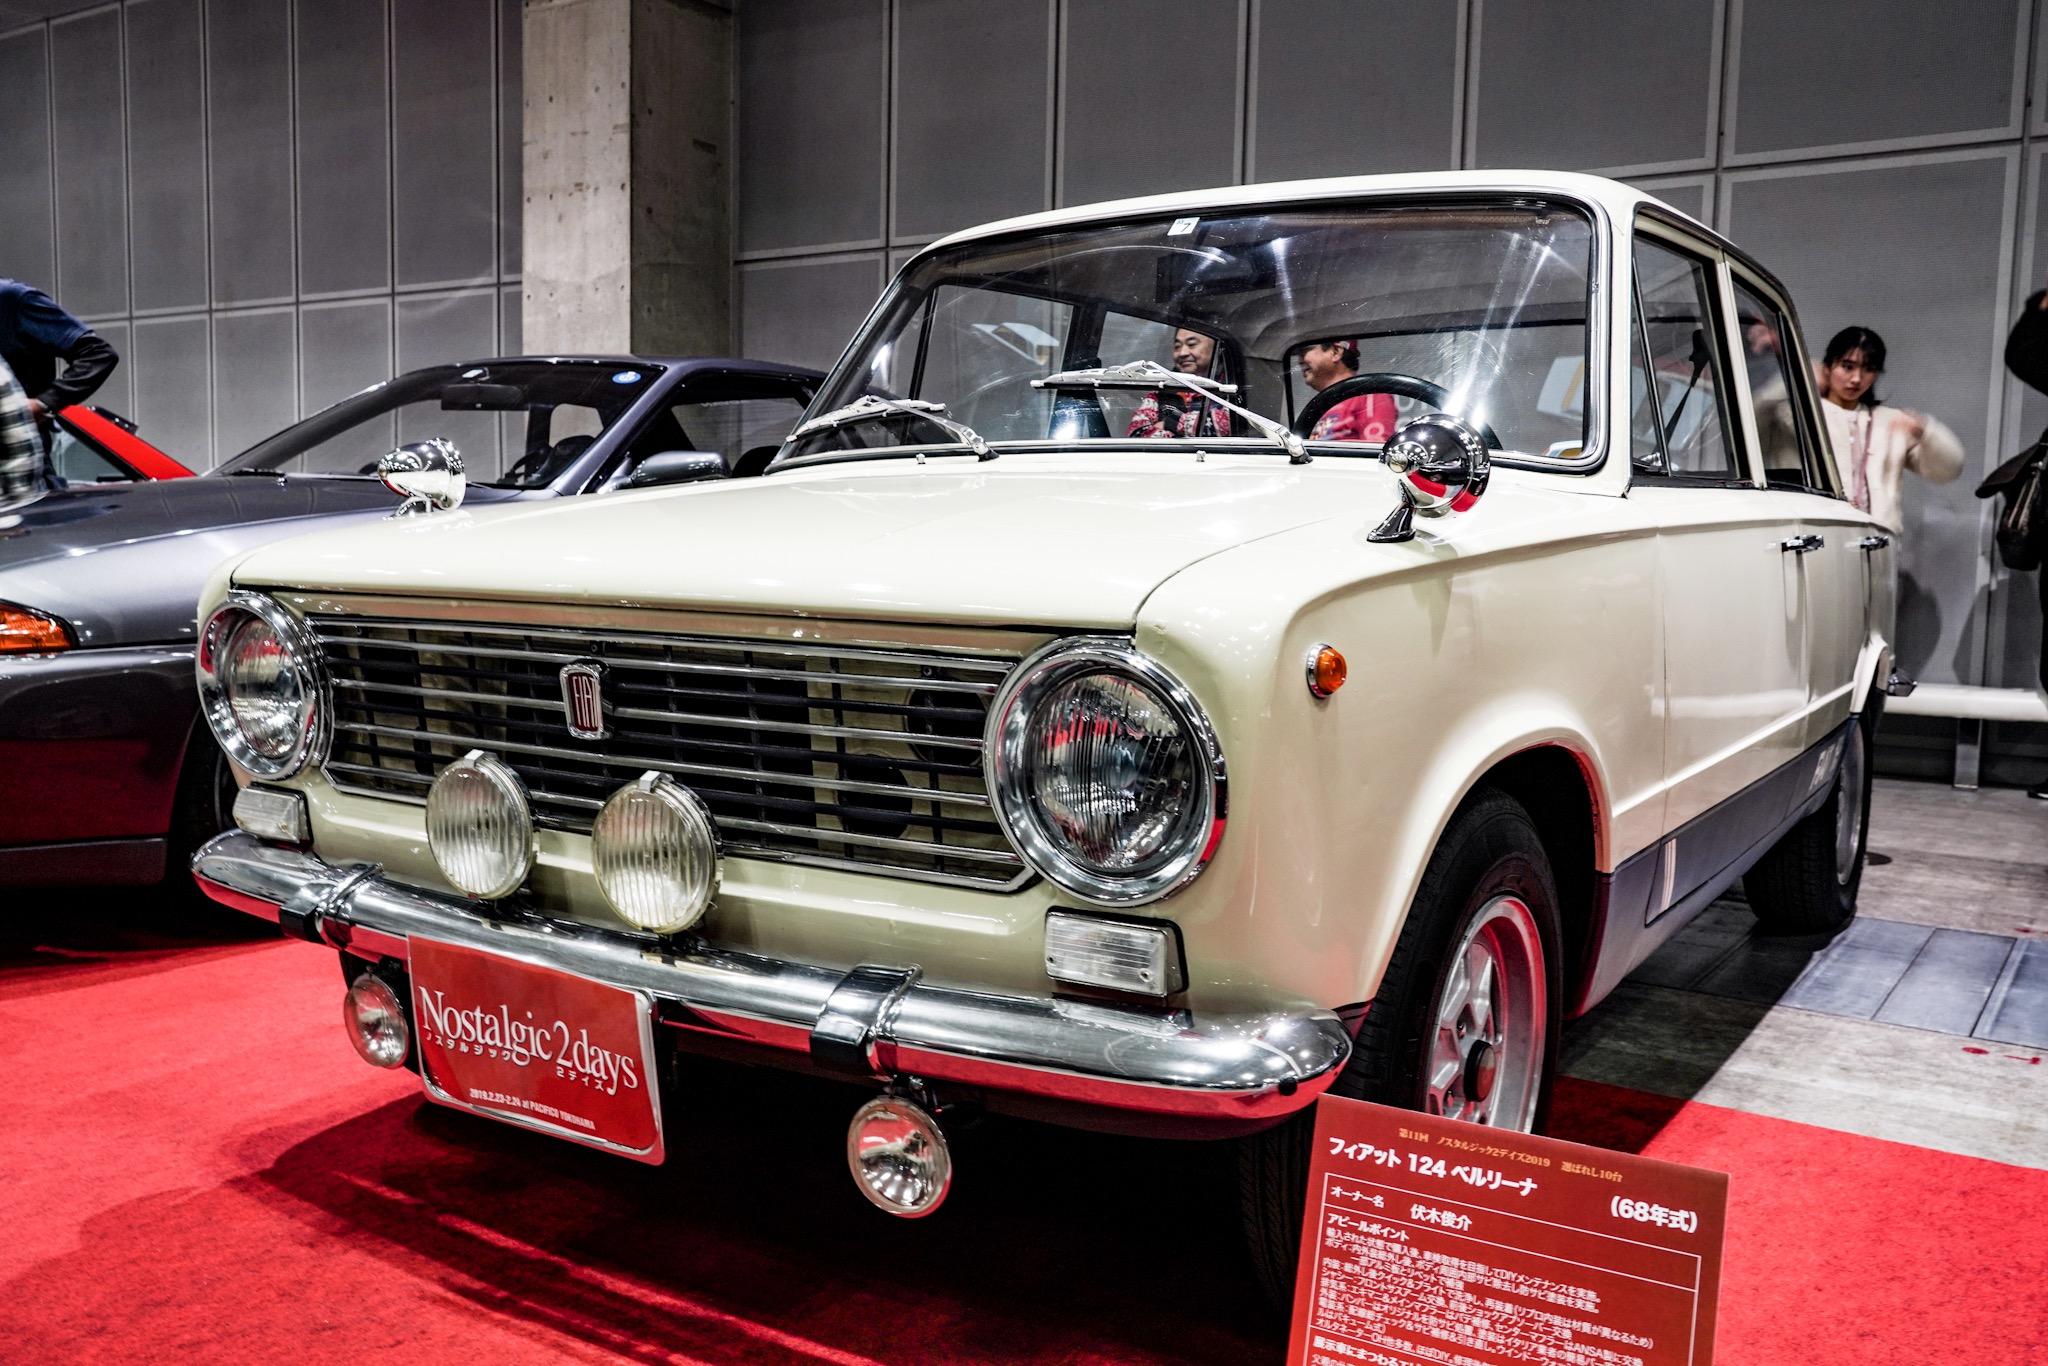 フィアット 124 ベルリーナ 1968 ノスタルジック2デイズ2019